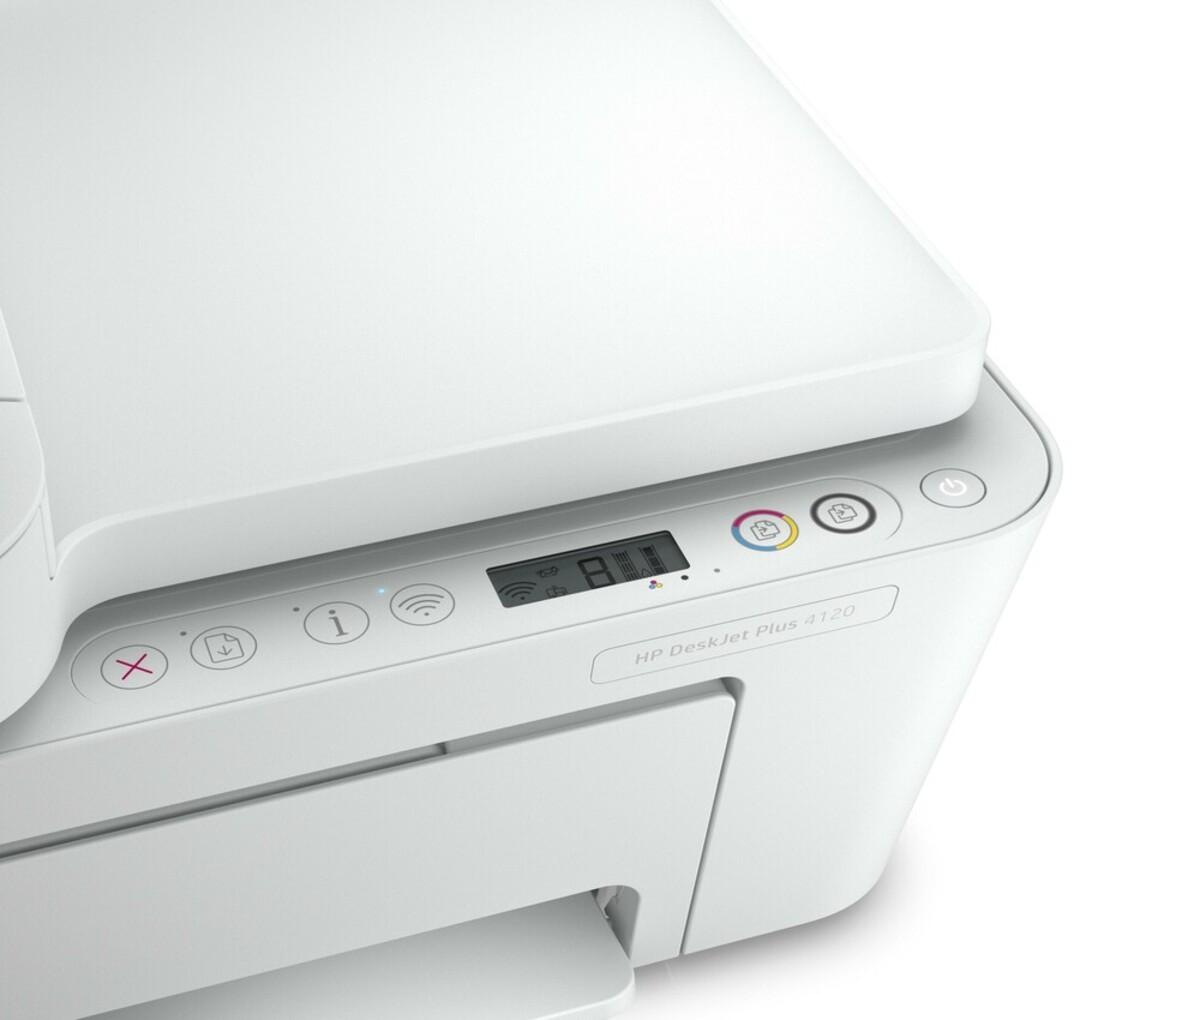 Bild 5 von DeskJet Plus 4120 weiß Multifunktionsdrucker